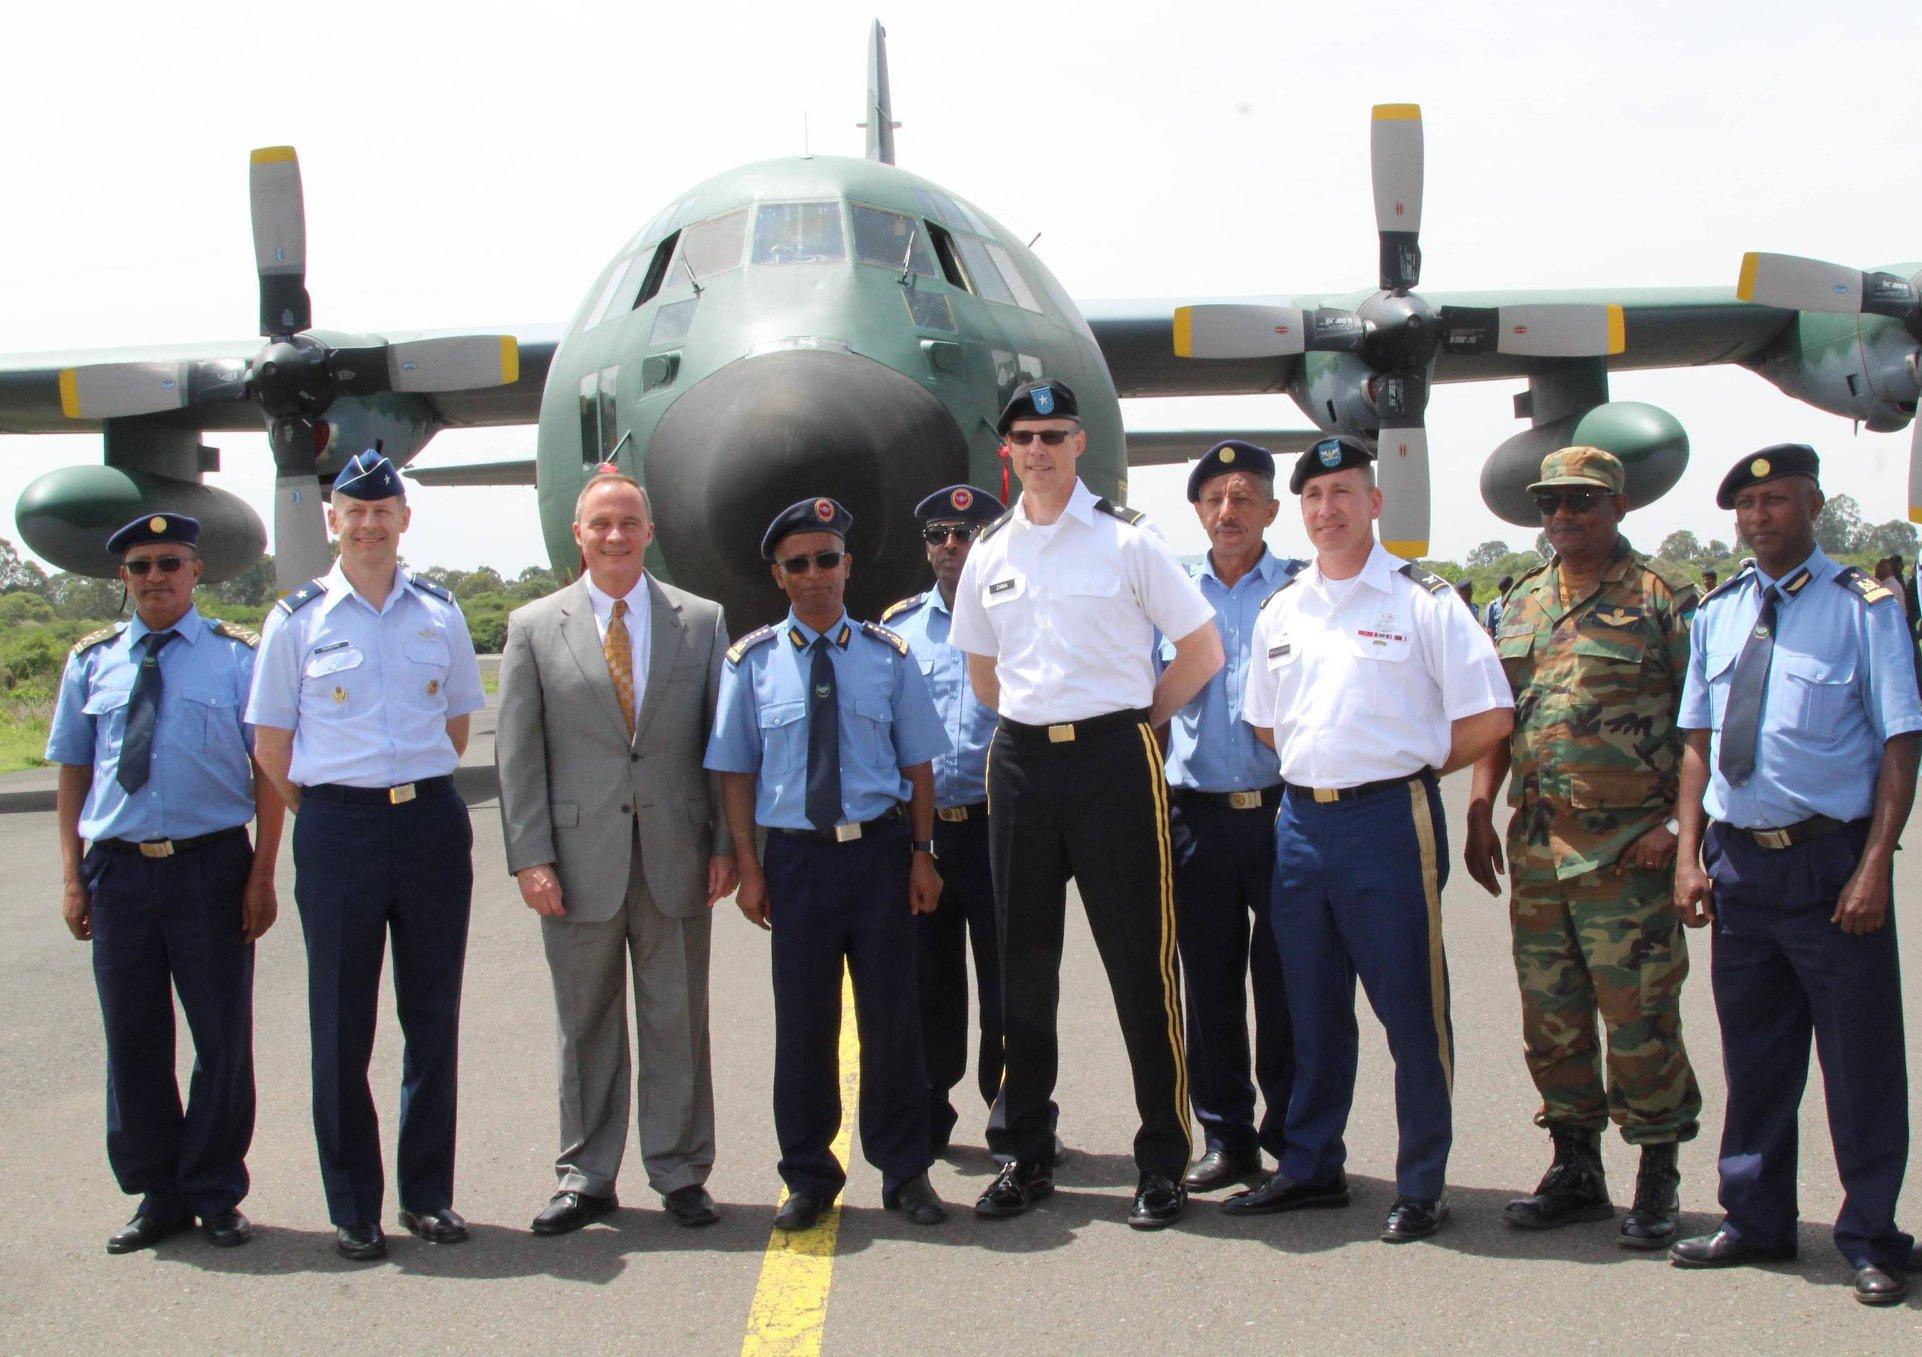 Переданный ВВС Эфиопии в порядке американской военной помощи с хранения ВВС США военно-транспортный самолет Lockheed С-130Е Hercules. Аддис-Абеба, 06.06.2018.